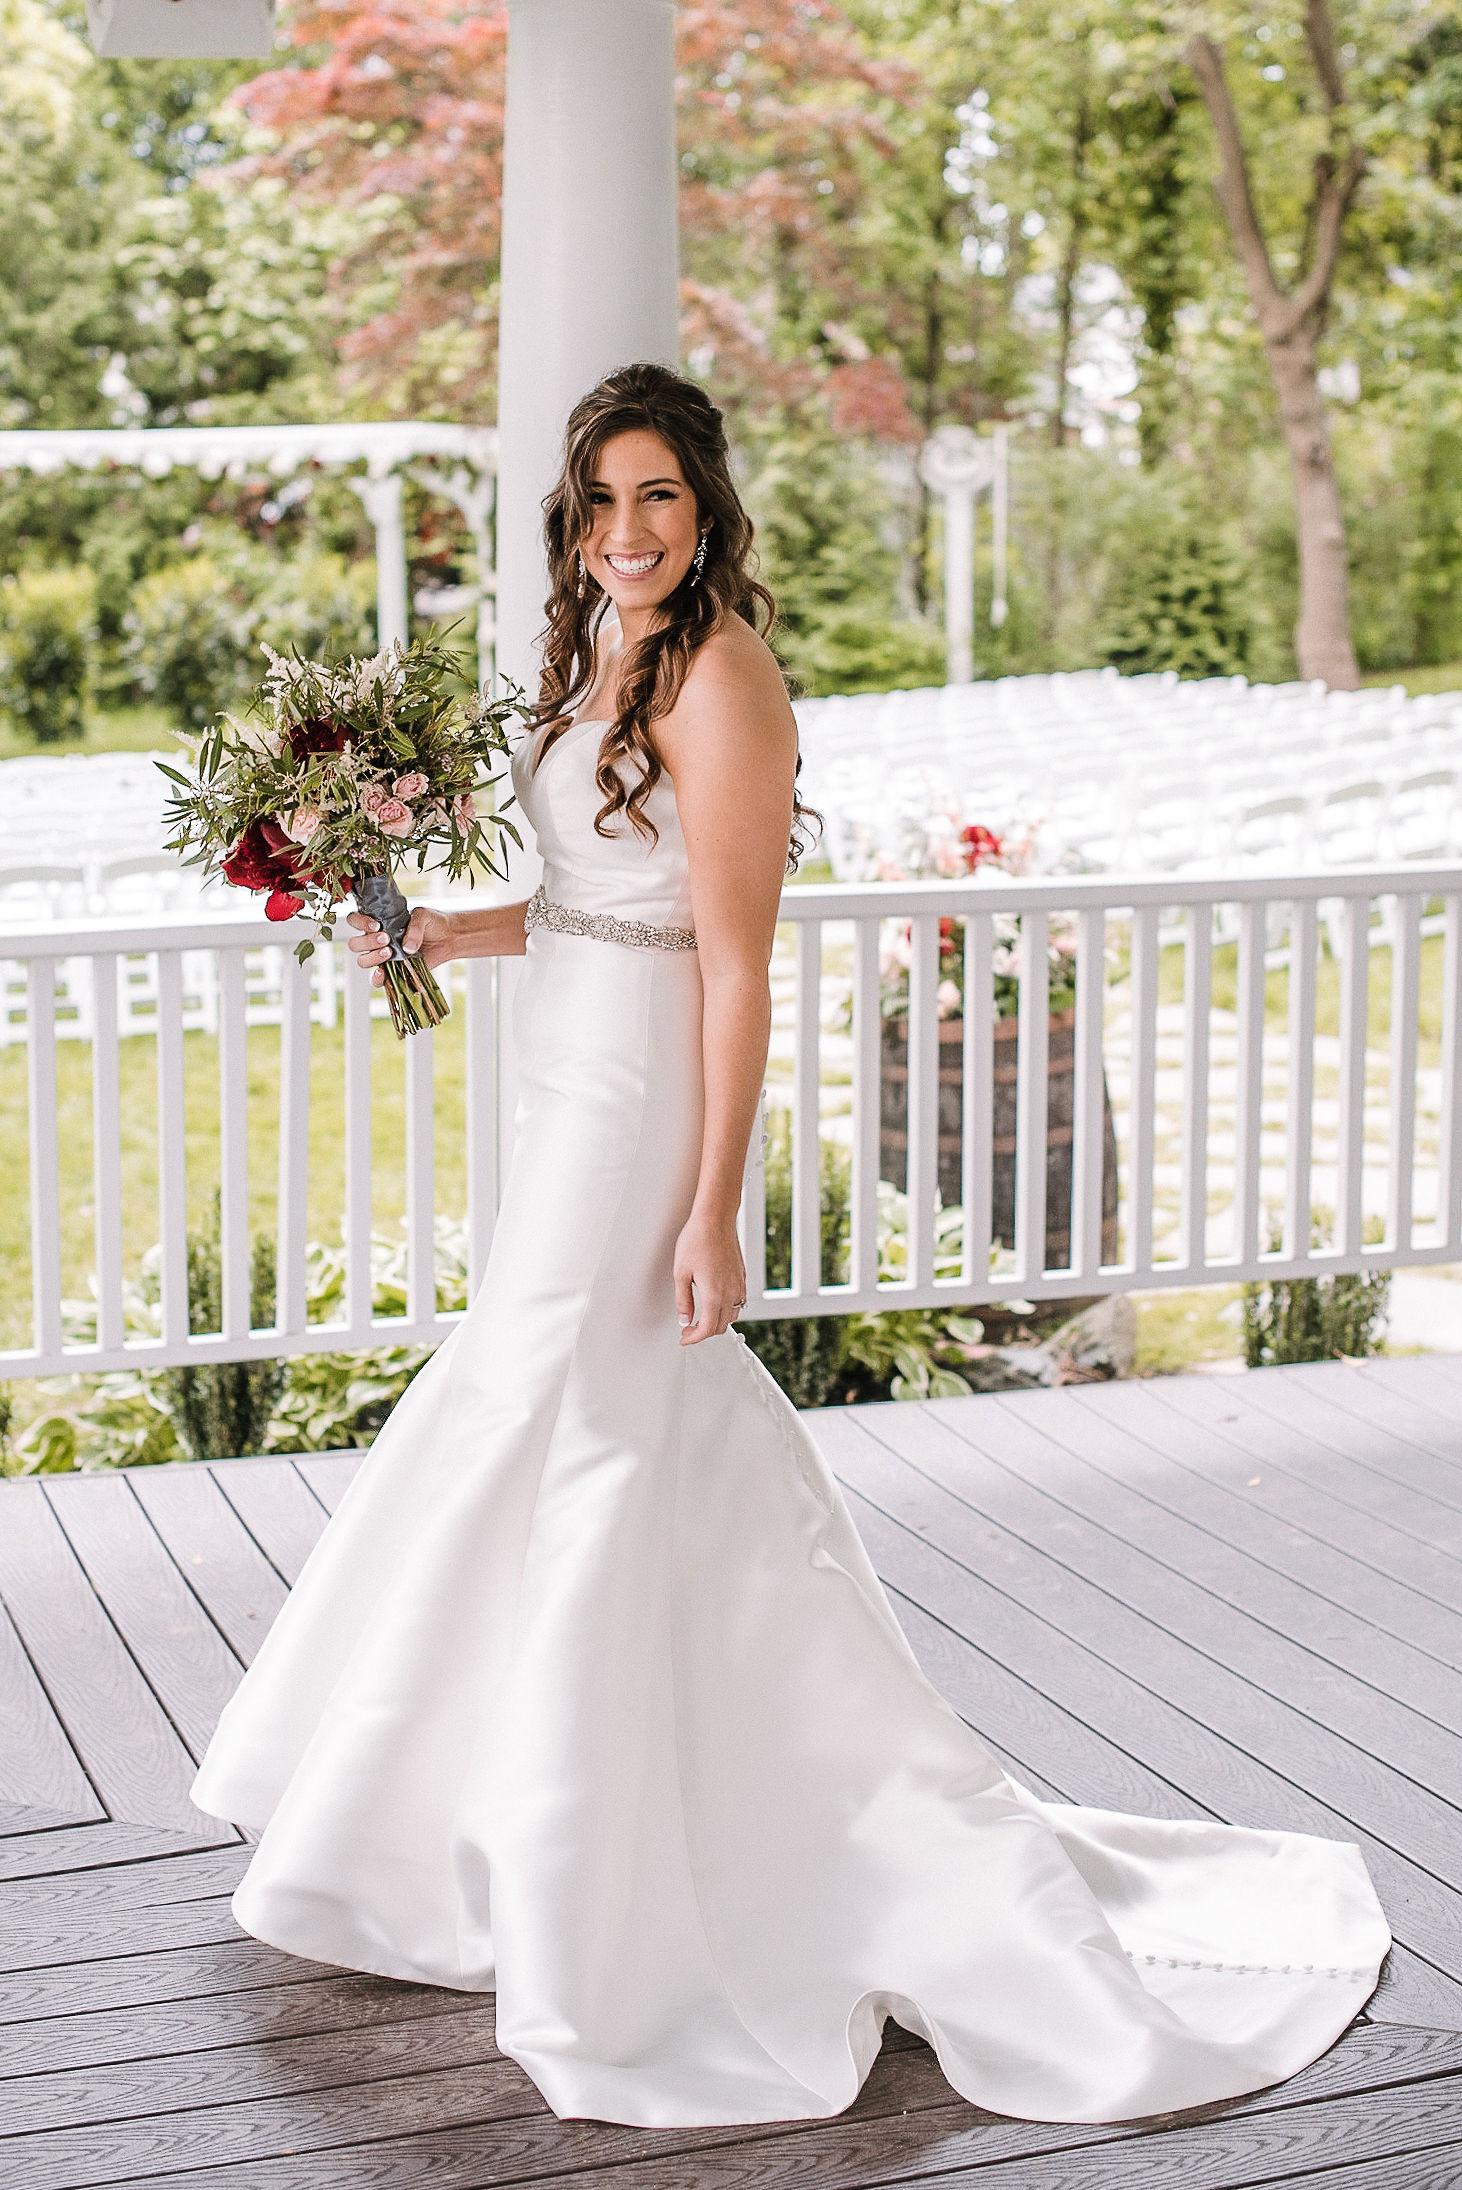 bridal portrait at Seasons at Magnolia Manor